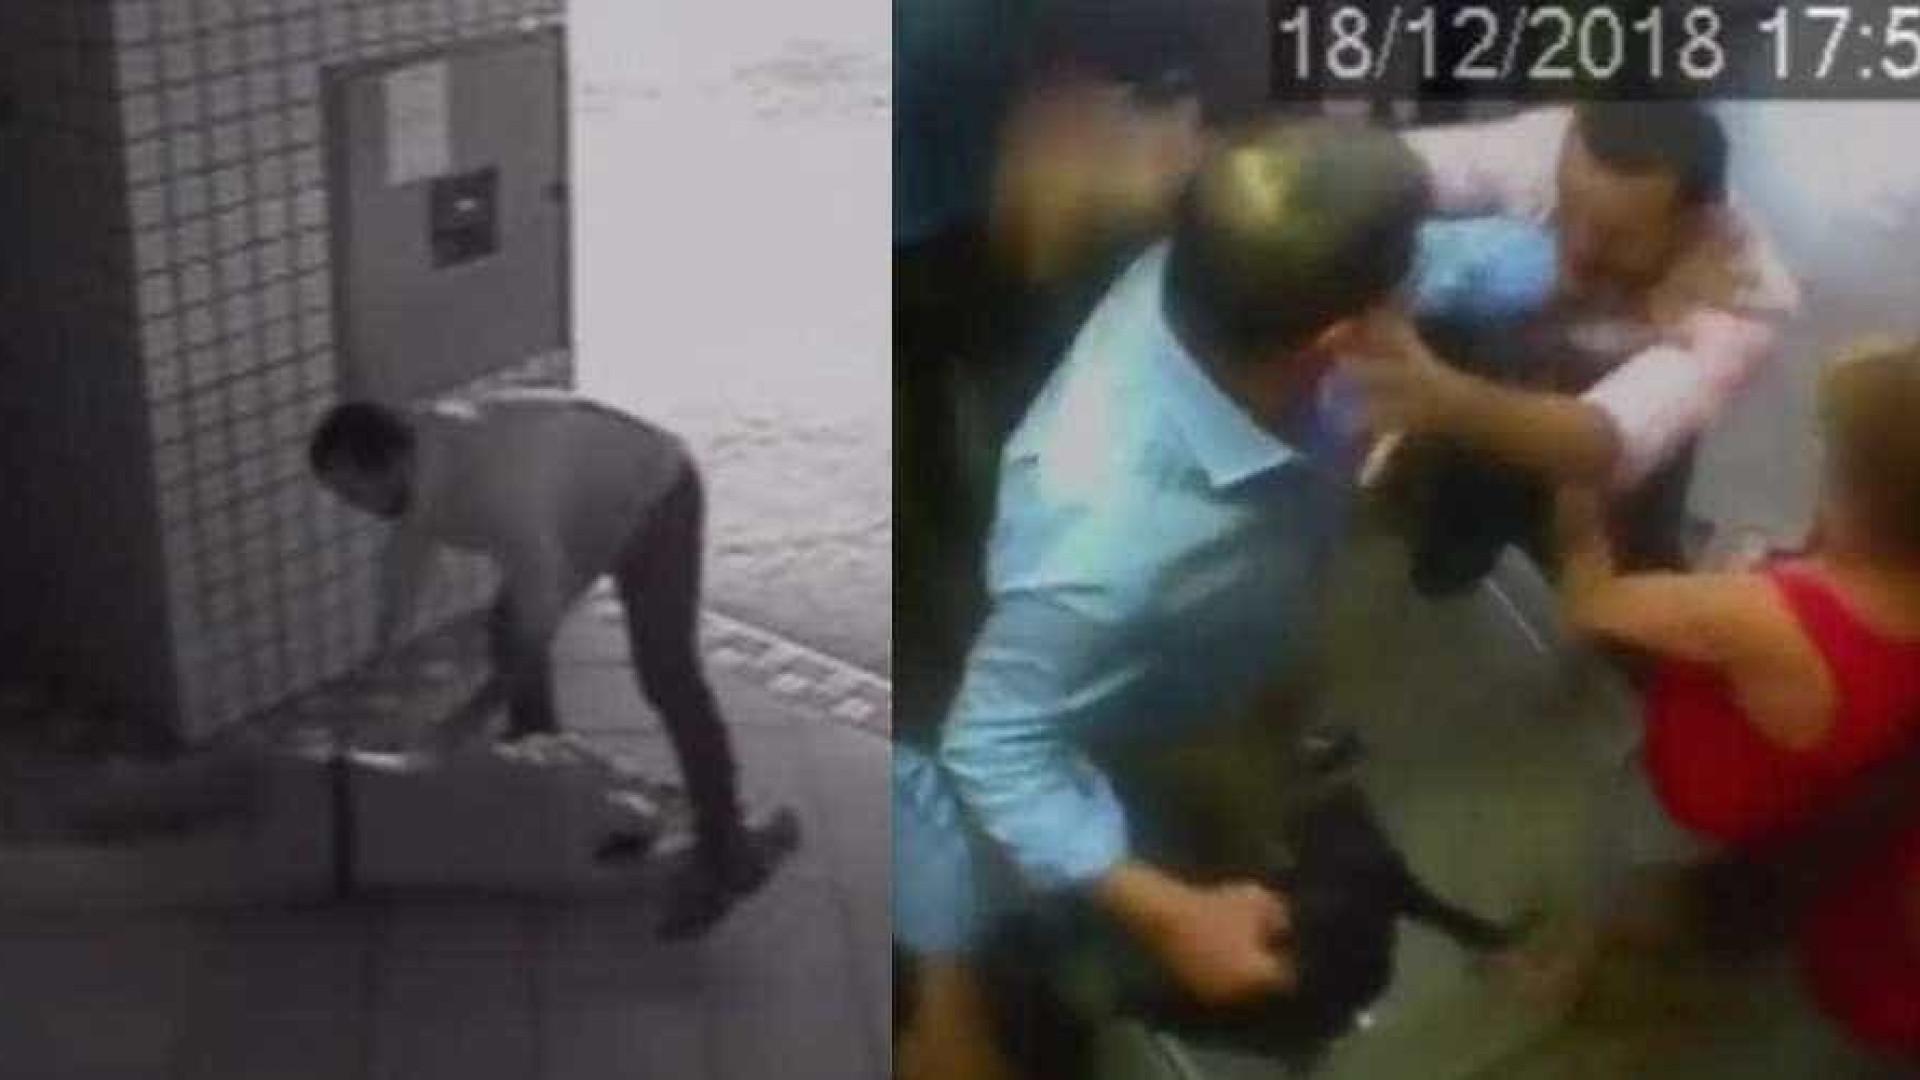 Vídeo mostra repórter Rodrigo Maia agredindo idoso em elevador